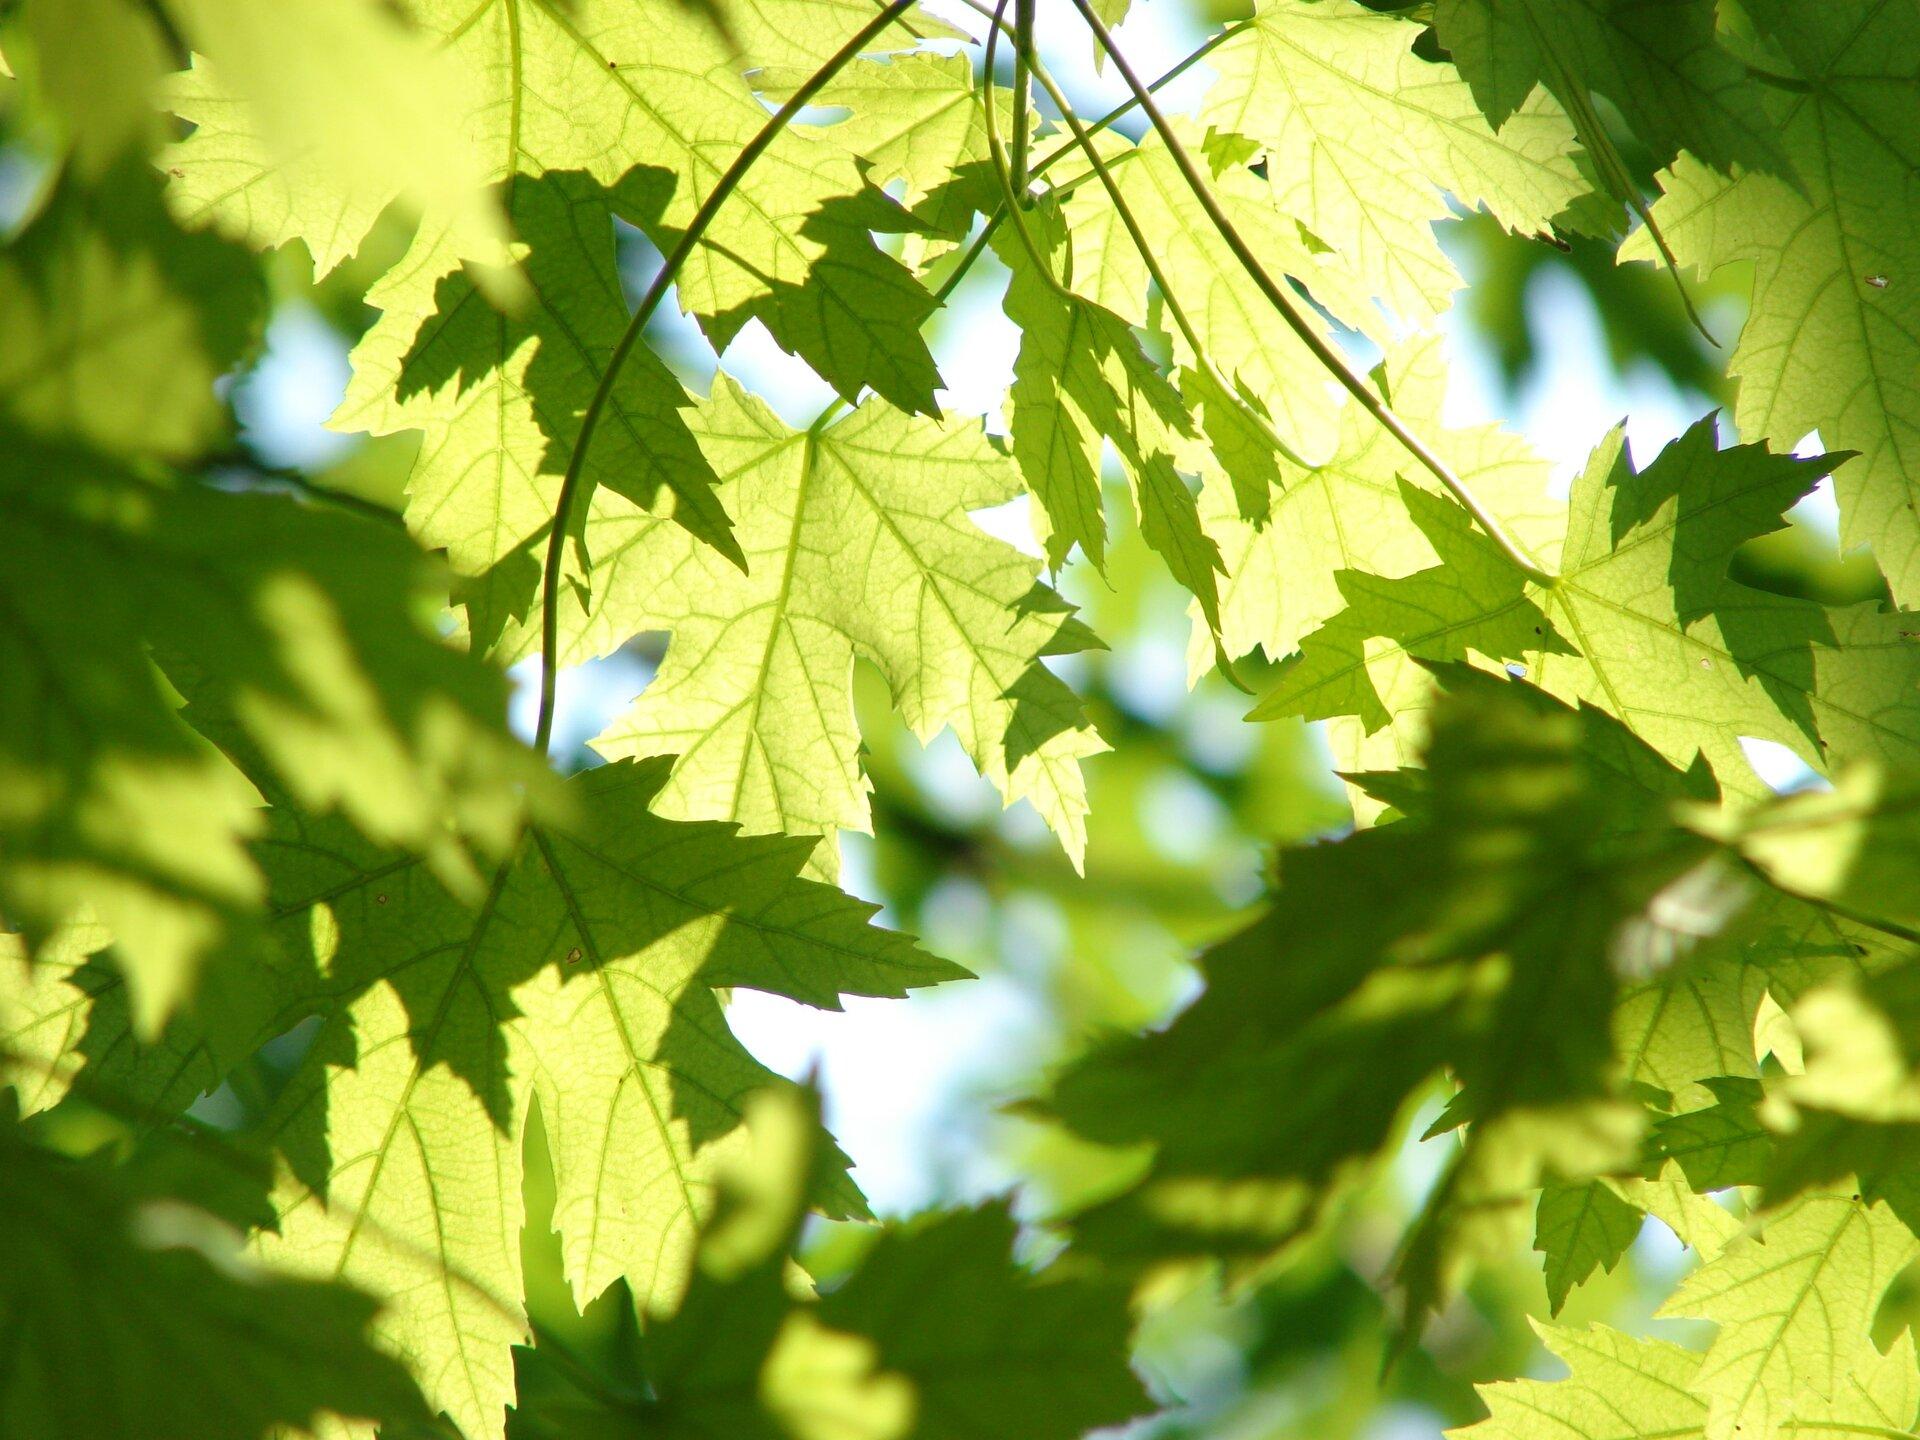 Fotografia prezentuje mechanizm powstawania cienia. Na fotografii widoczne liście klonu sfotografowane od spodu. Część liści ma kolor jasnozielony. Na niektórych liściach widać ciemnozielony cień liści, które są nad nimi.